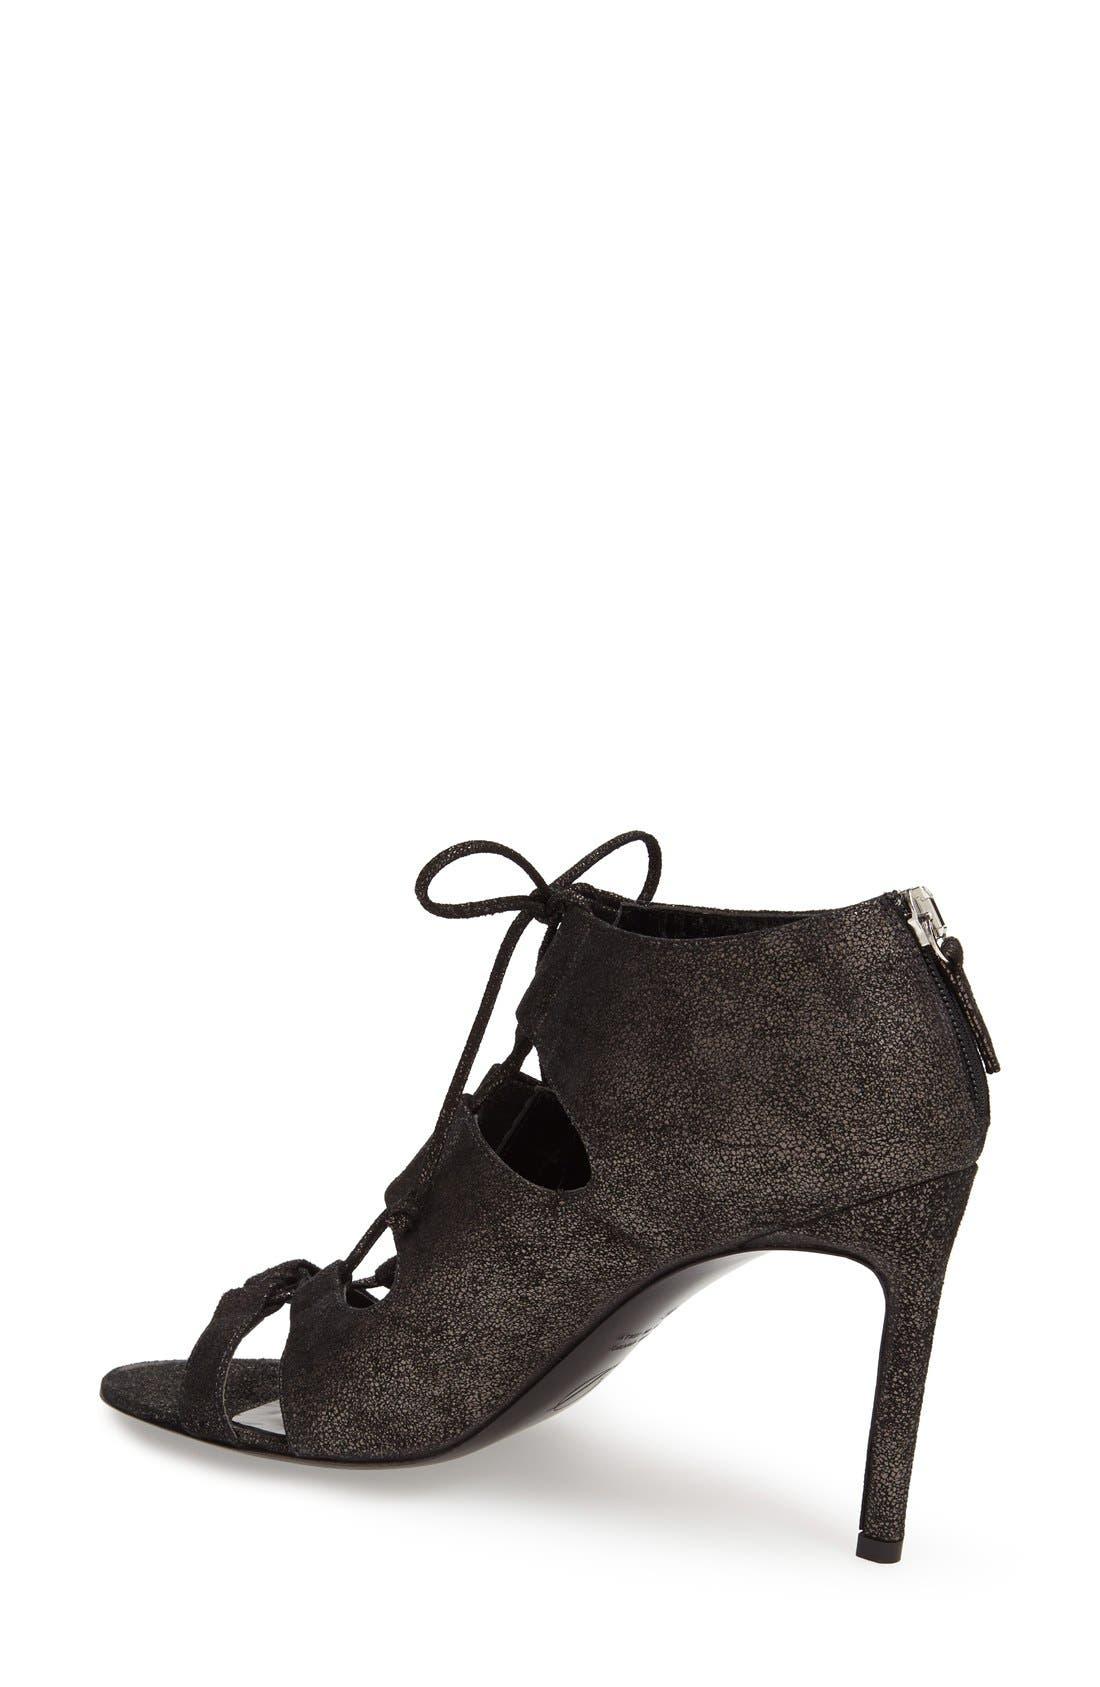 Alternate Image 2  - Delman 'Jolie' Lace-Up Sandal (Women)